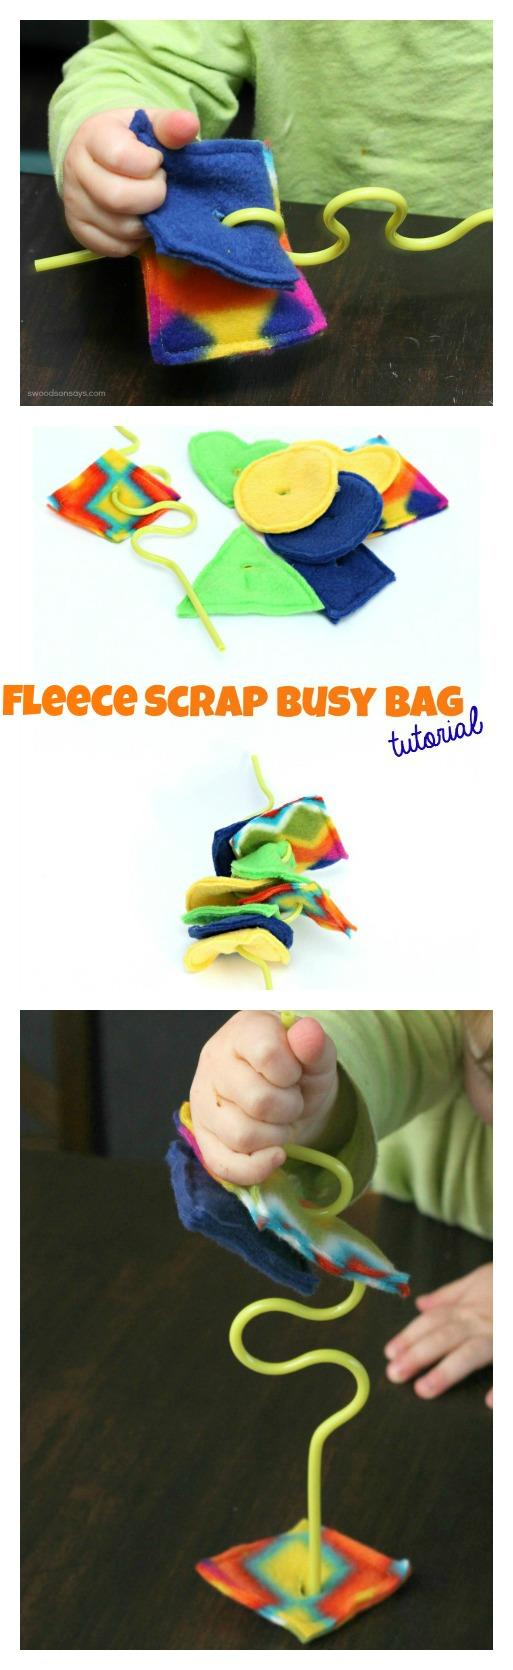 Fleece Scrap Busy Bag DIY